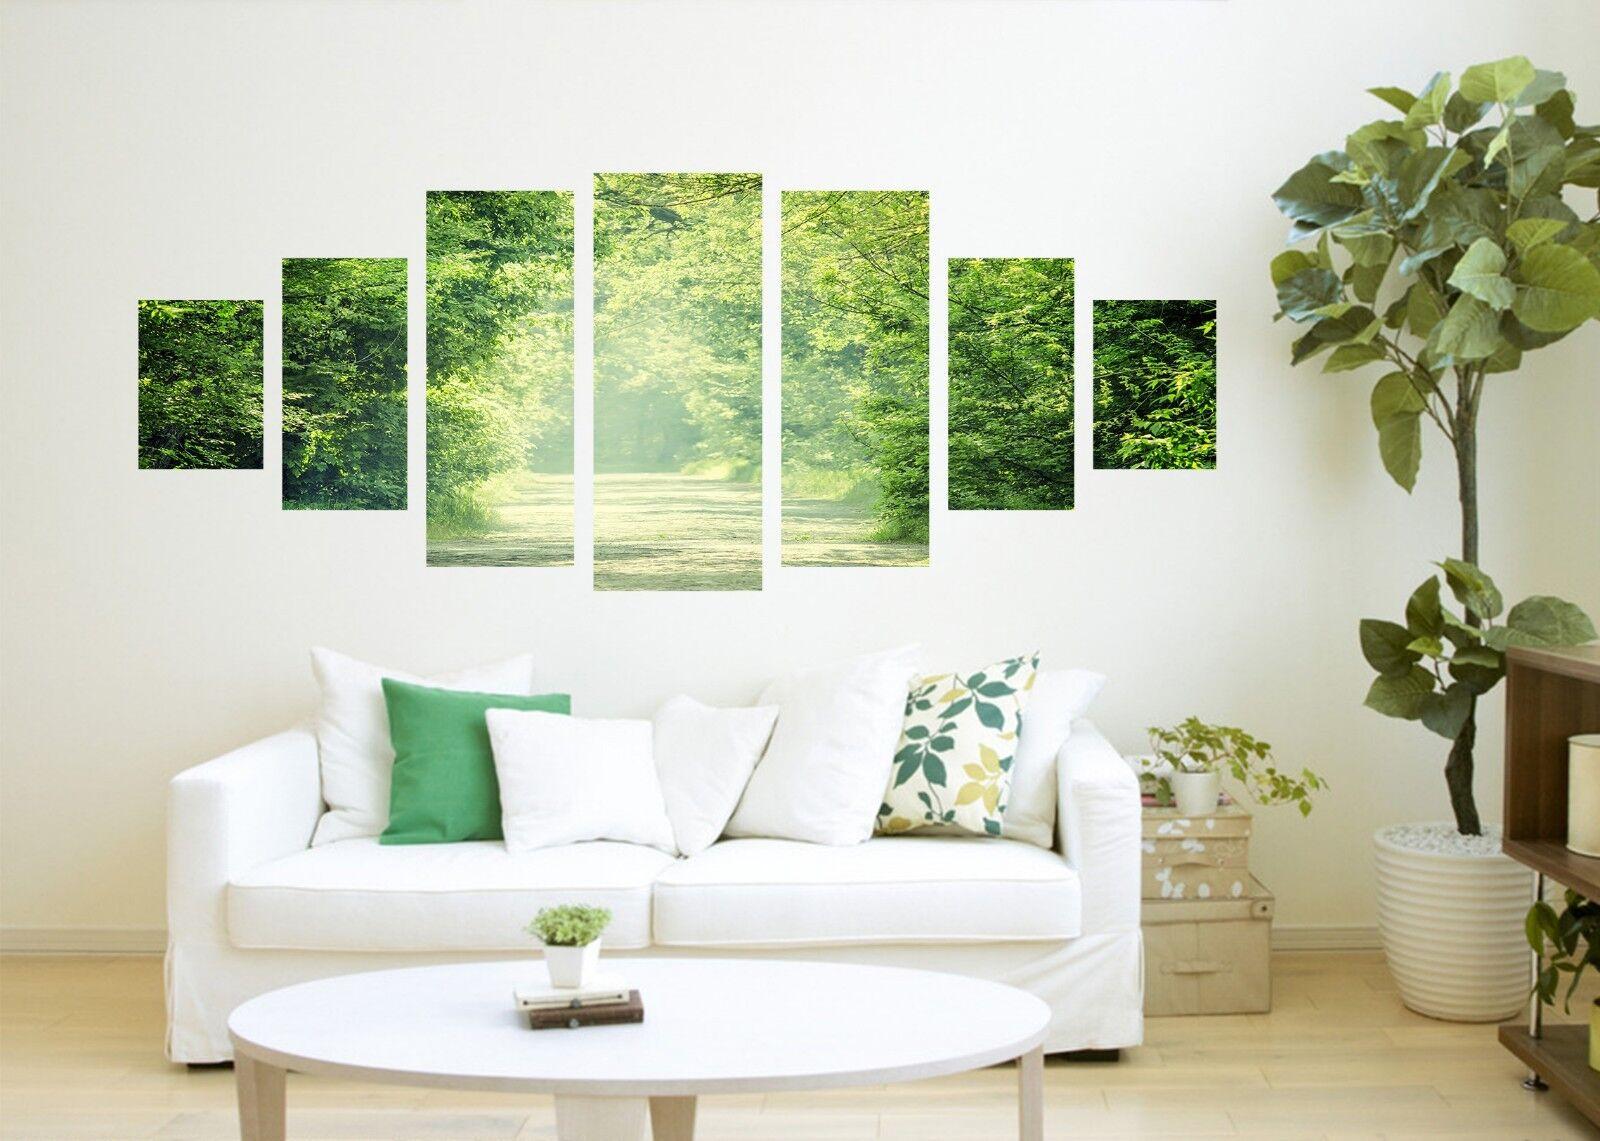 3D Forest Aisle 556 Unframed Drucken Wand Papier Decal Wand Deco Innen AJ Wand